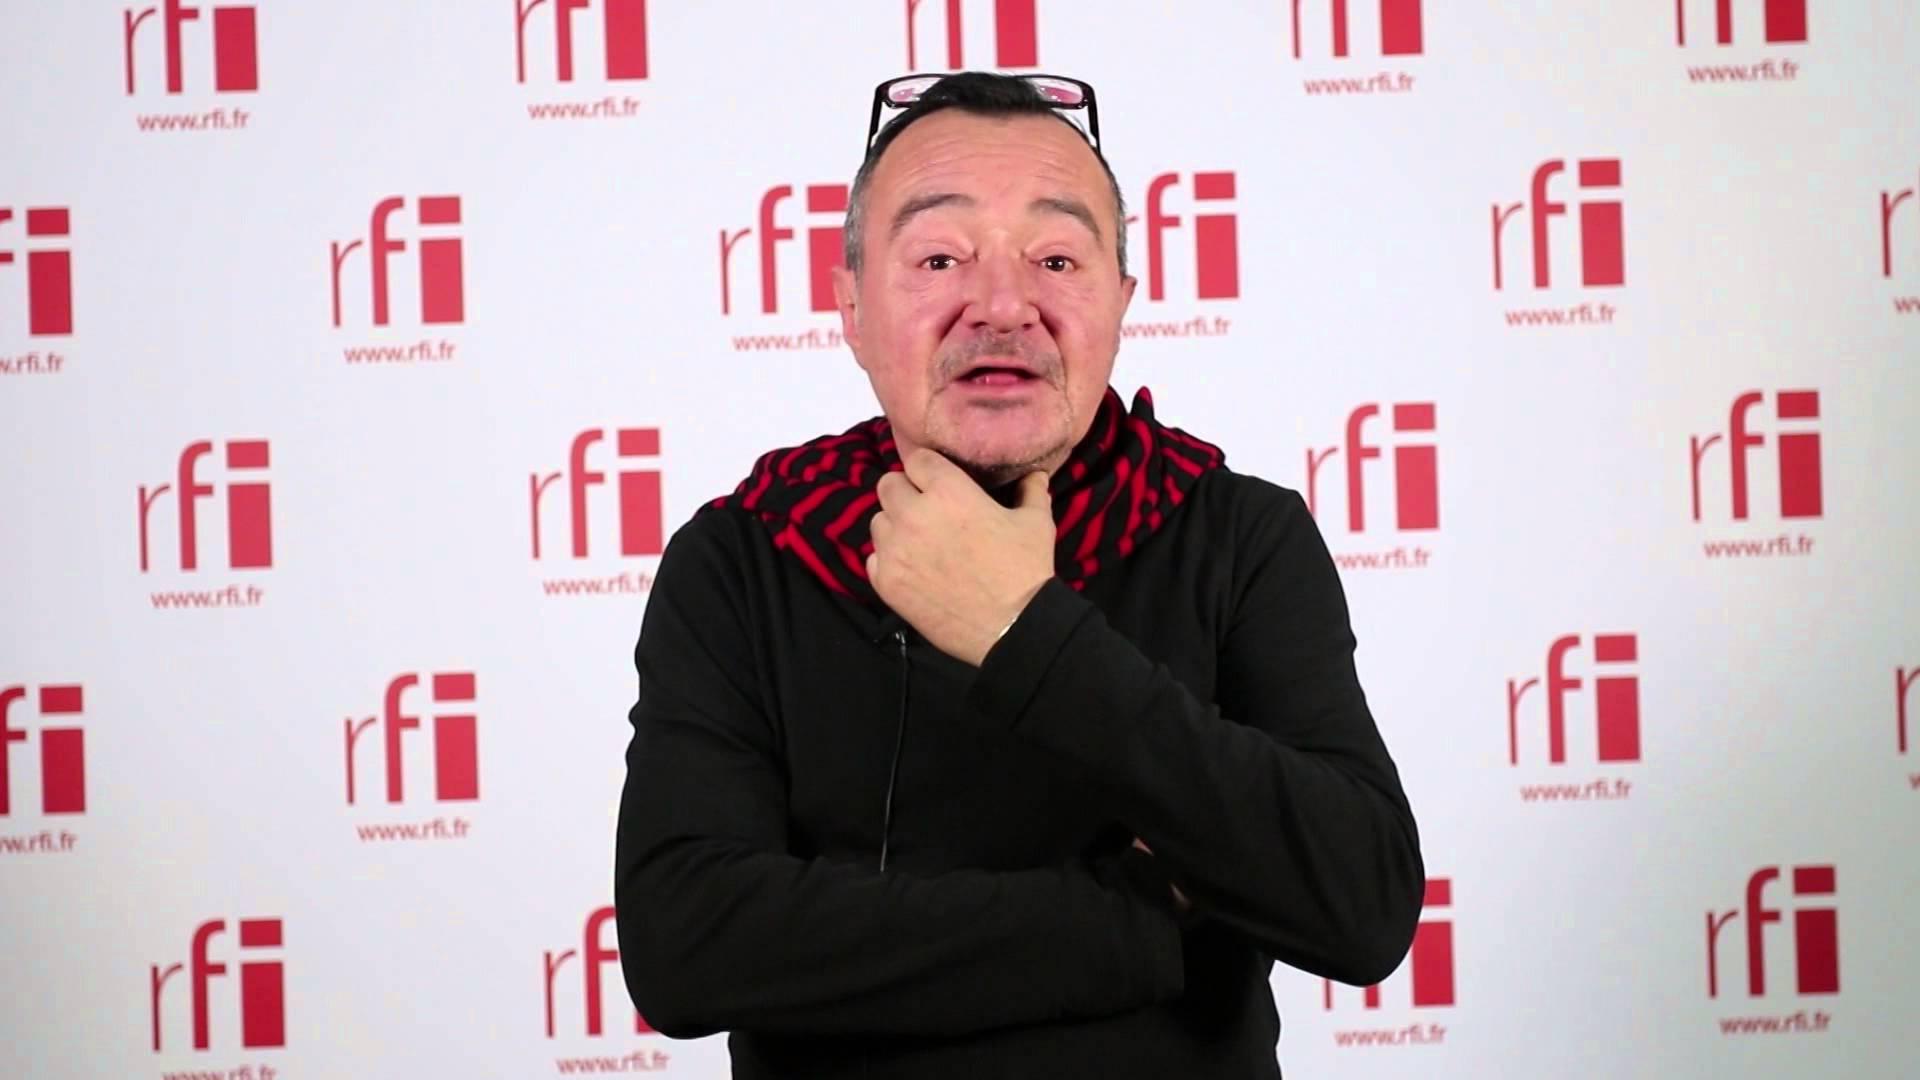 Le journaliste Laurent Sadoux de RFI est mort